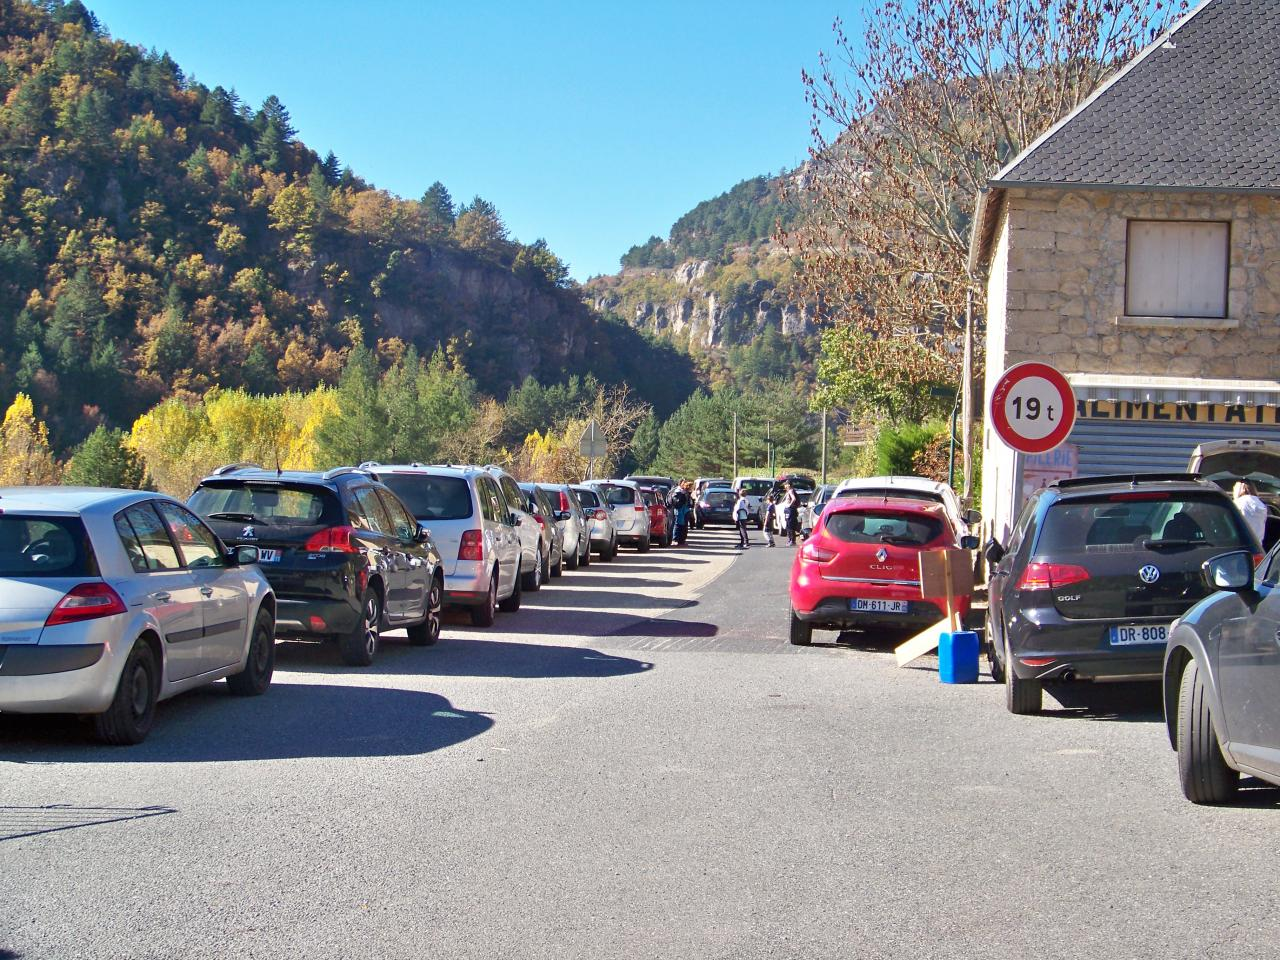 Parking plein à TREVES 2 (photo bruno)